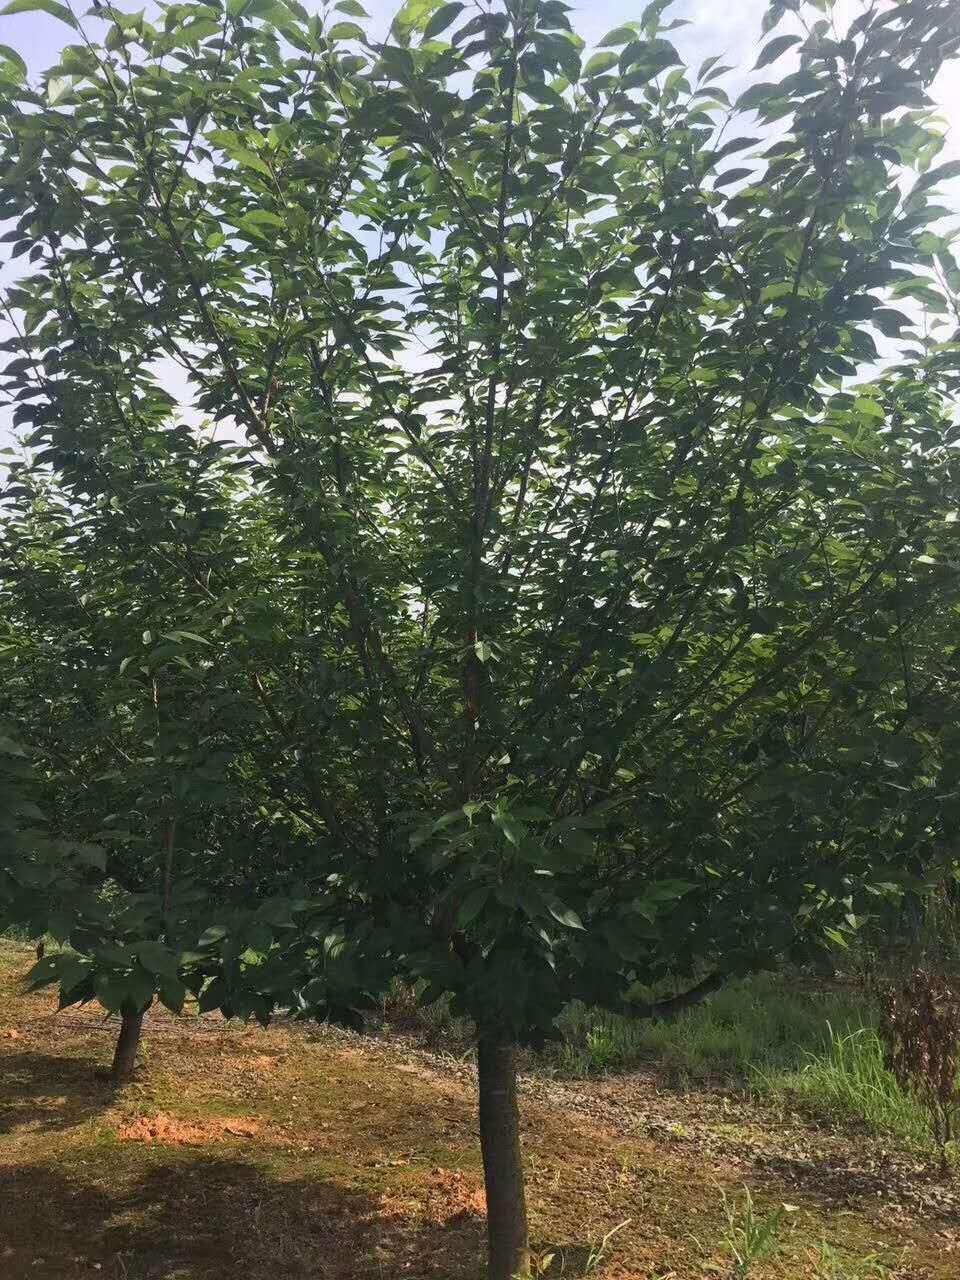 赣州樱花种植基地批发价-樱花供应商报价多少-樱花多少钱一棵-樱花哪里有卖的